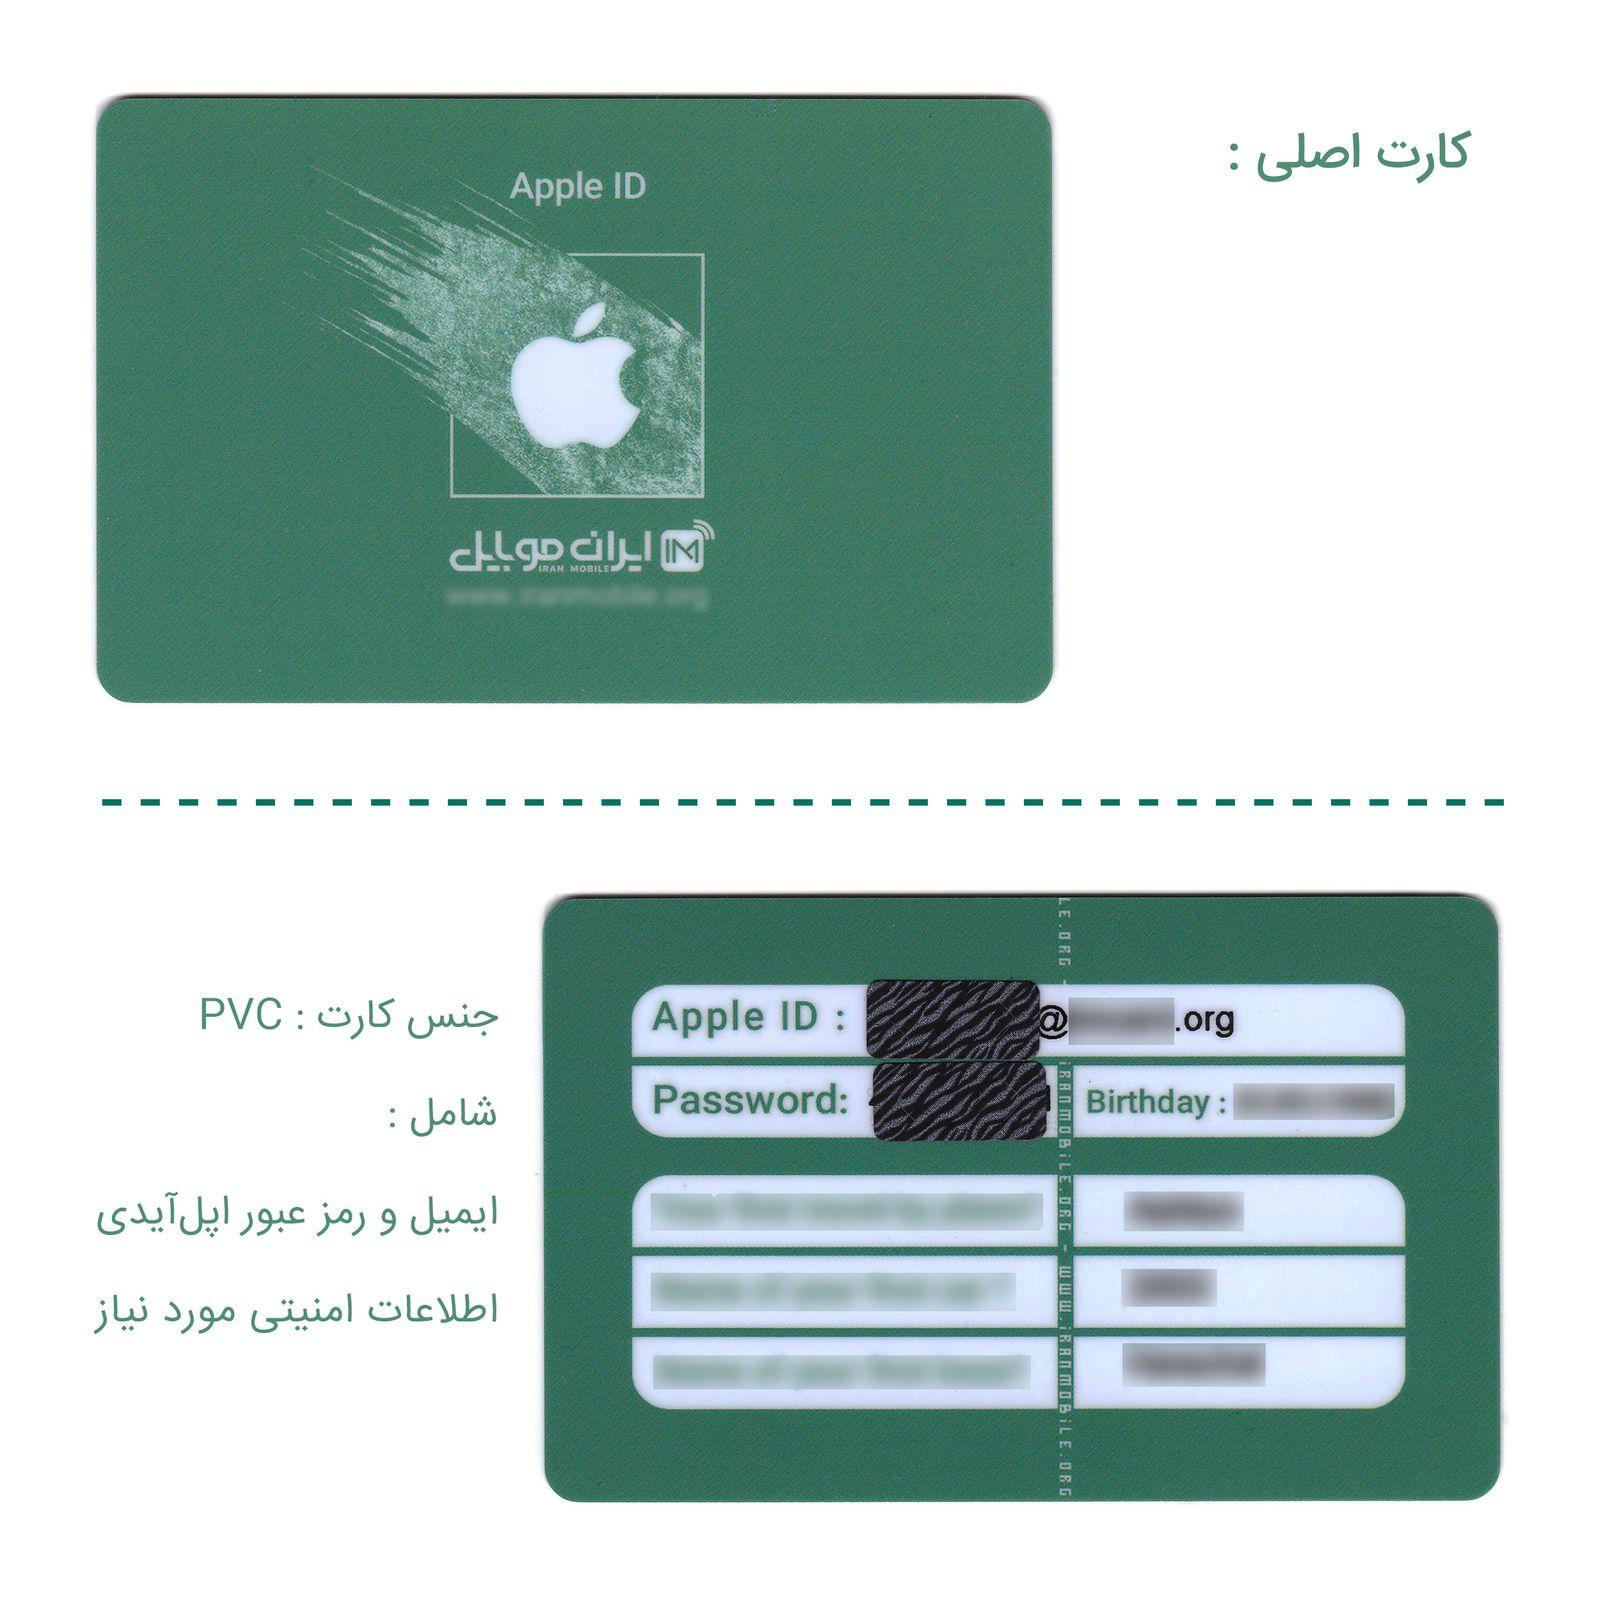 کارت اپل آیدی بدون اعتبار اولیه مدل IM-10 بسته 10 عددی thumb 2 3